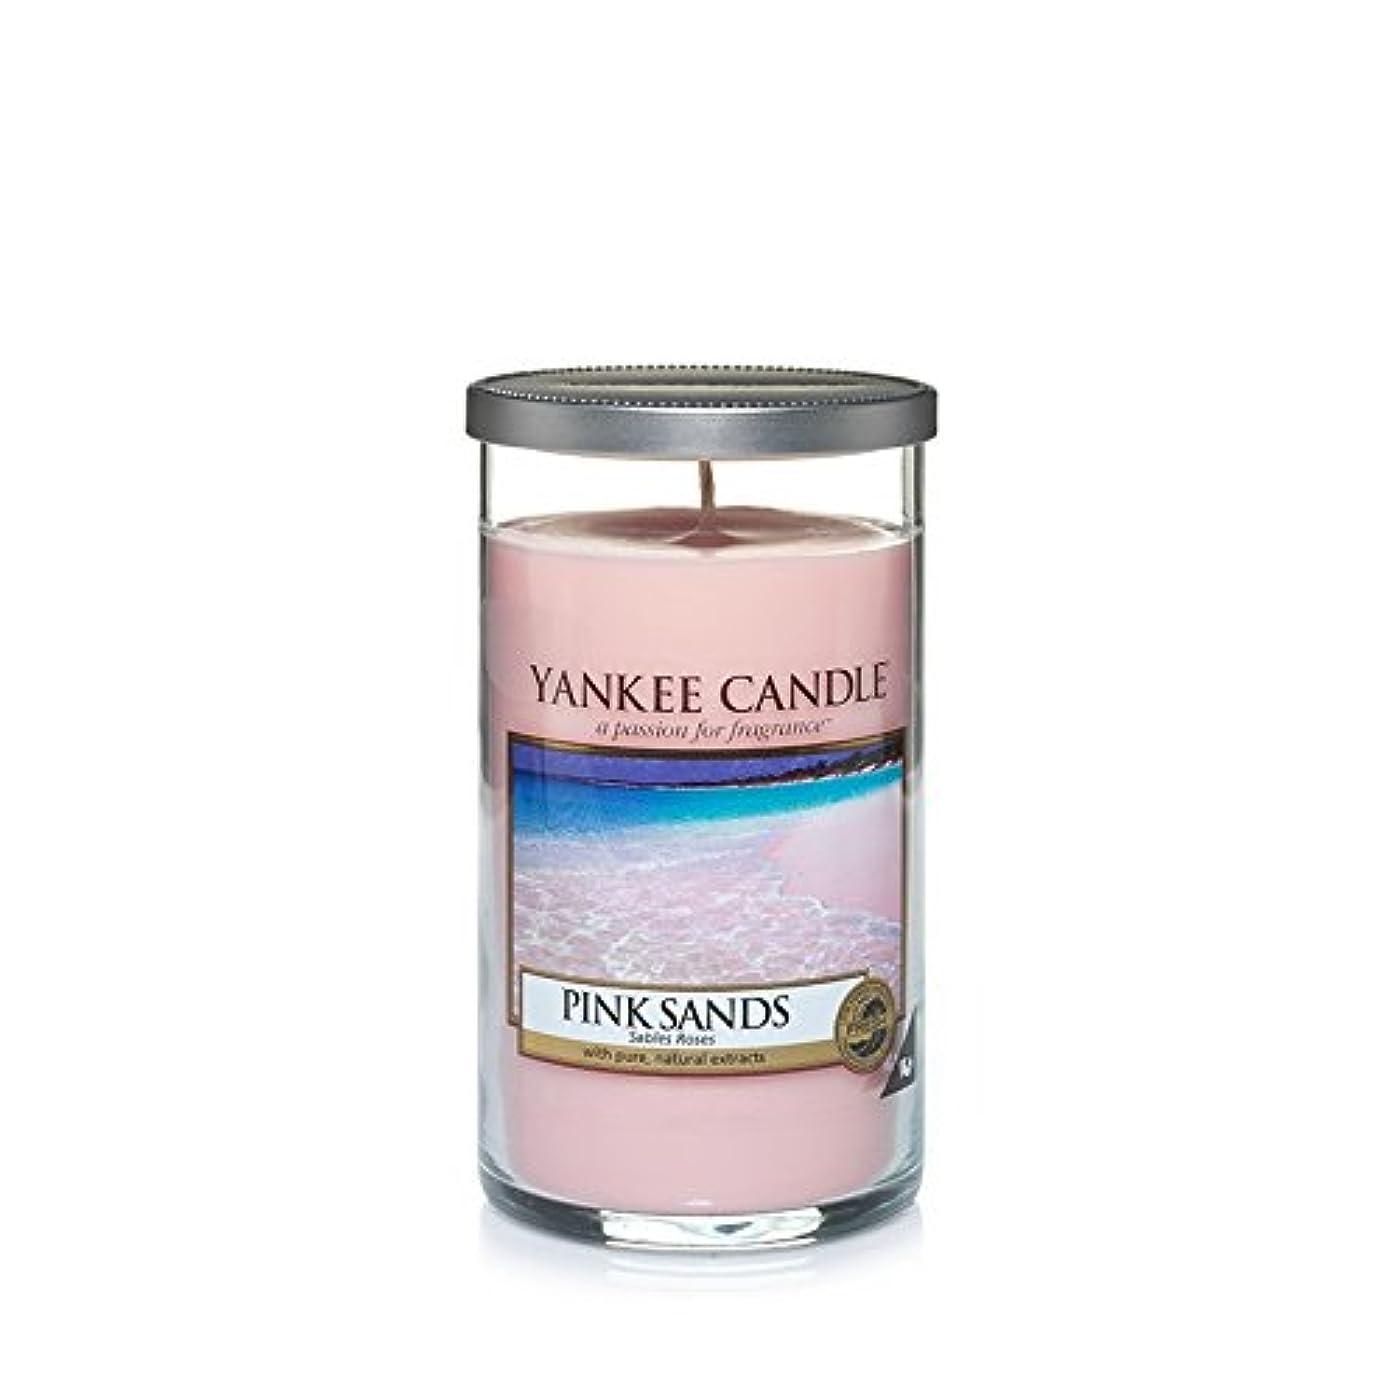 ホイップオーバーフロー写真を描くYankee Candles Medium Pillar Candle - Pink Sands? (Pack of 2) - ヤンキーキャンドルメディアピラーキャンドル - ピンクの砂? (x2) [並行輸入品]